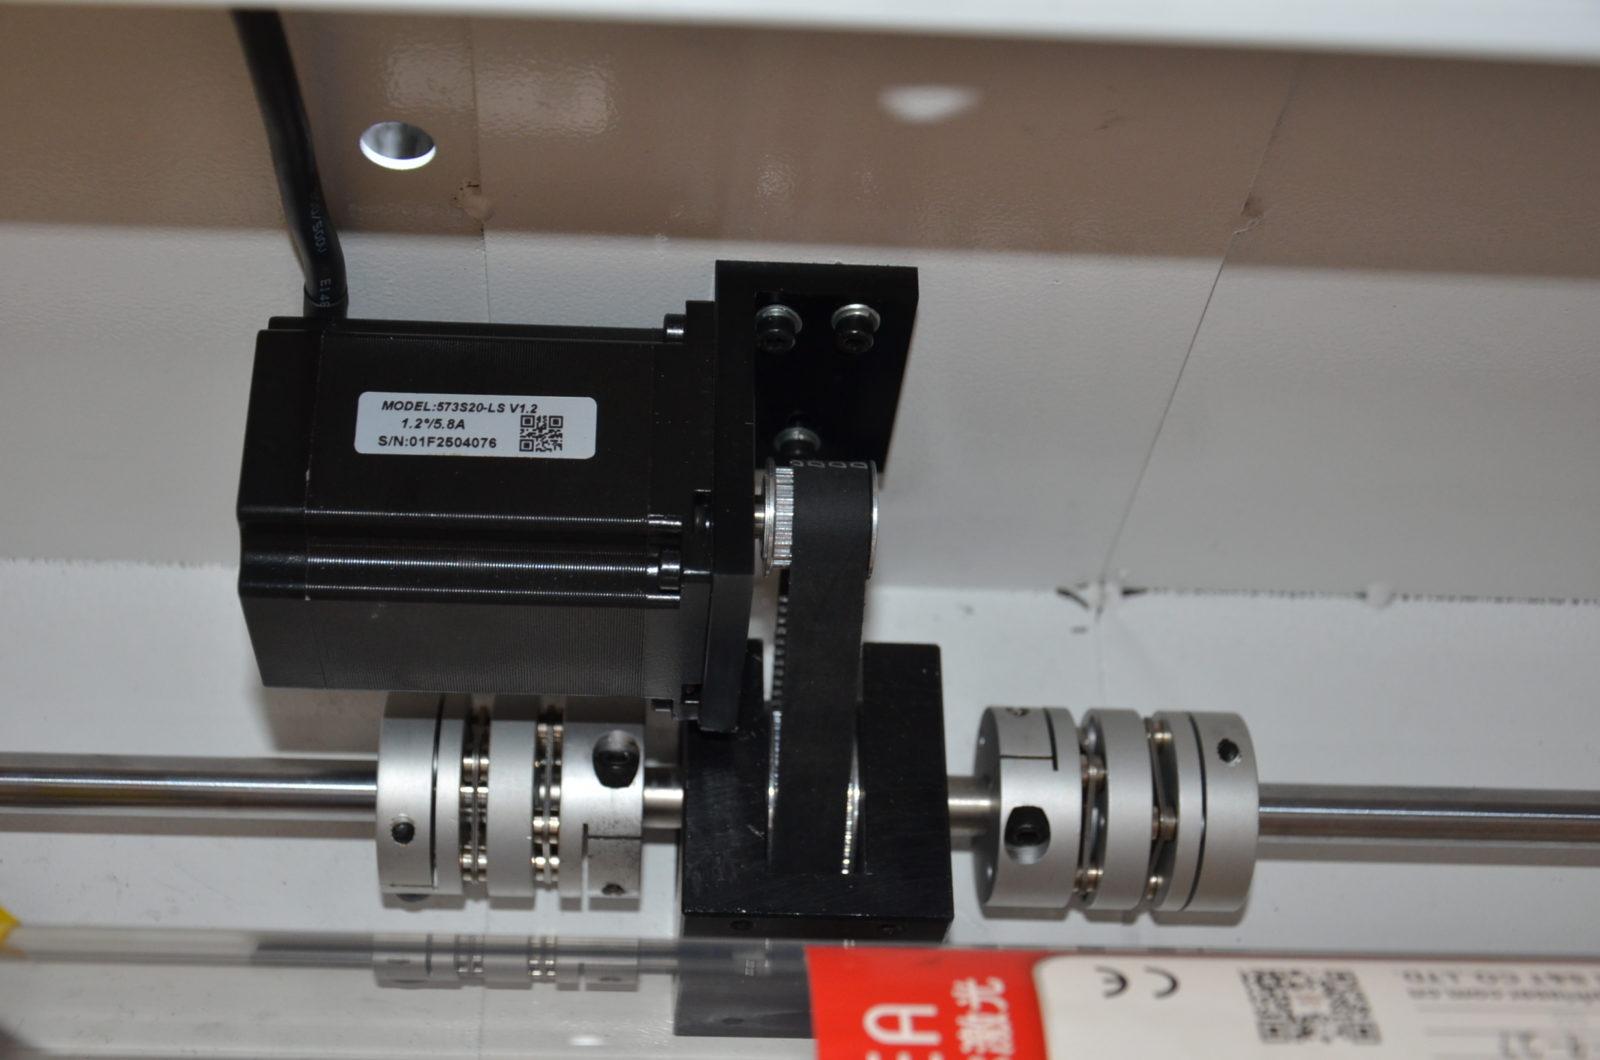 5 8 1600x1060 - Лазерно-гравировальный станок W 1610 Duos conveyer